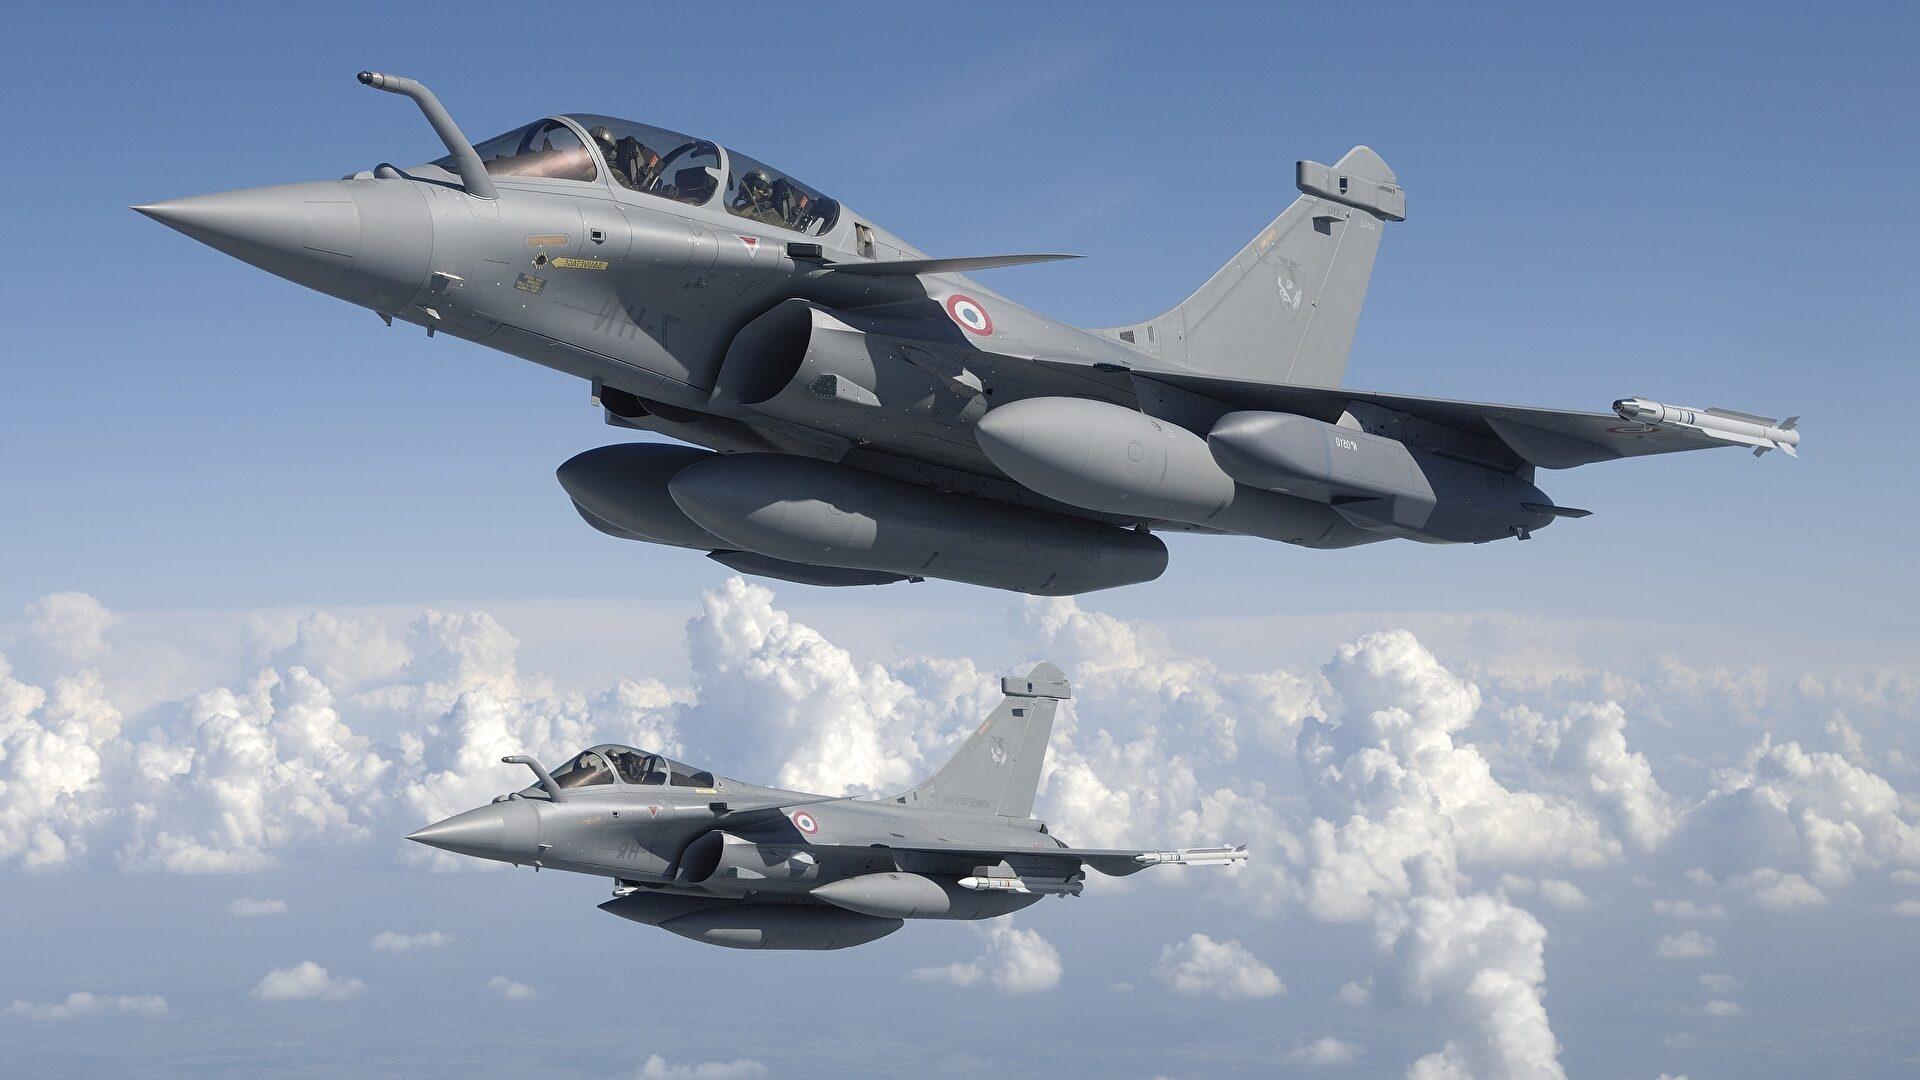 """ΤΟΥΡΚΟΣ ΕΙΔΙΚΟΣ ΓΙΑ RAFALE – F16V: """"Η Ελλάδα θα έχει συντριπτική αεροπορική υπεροχή"""""""